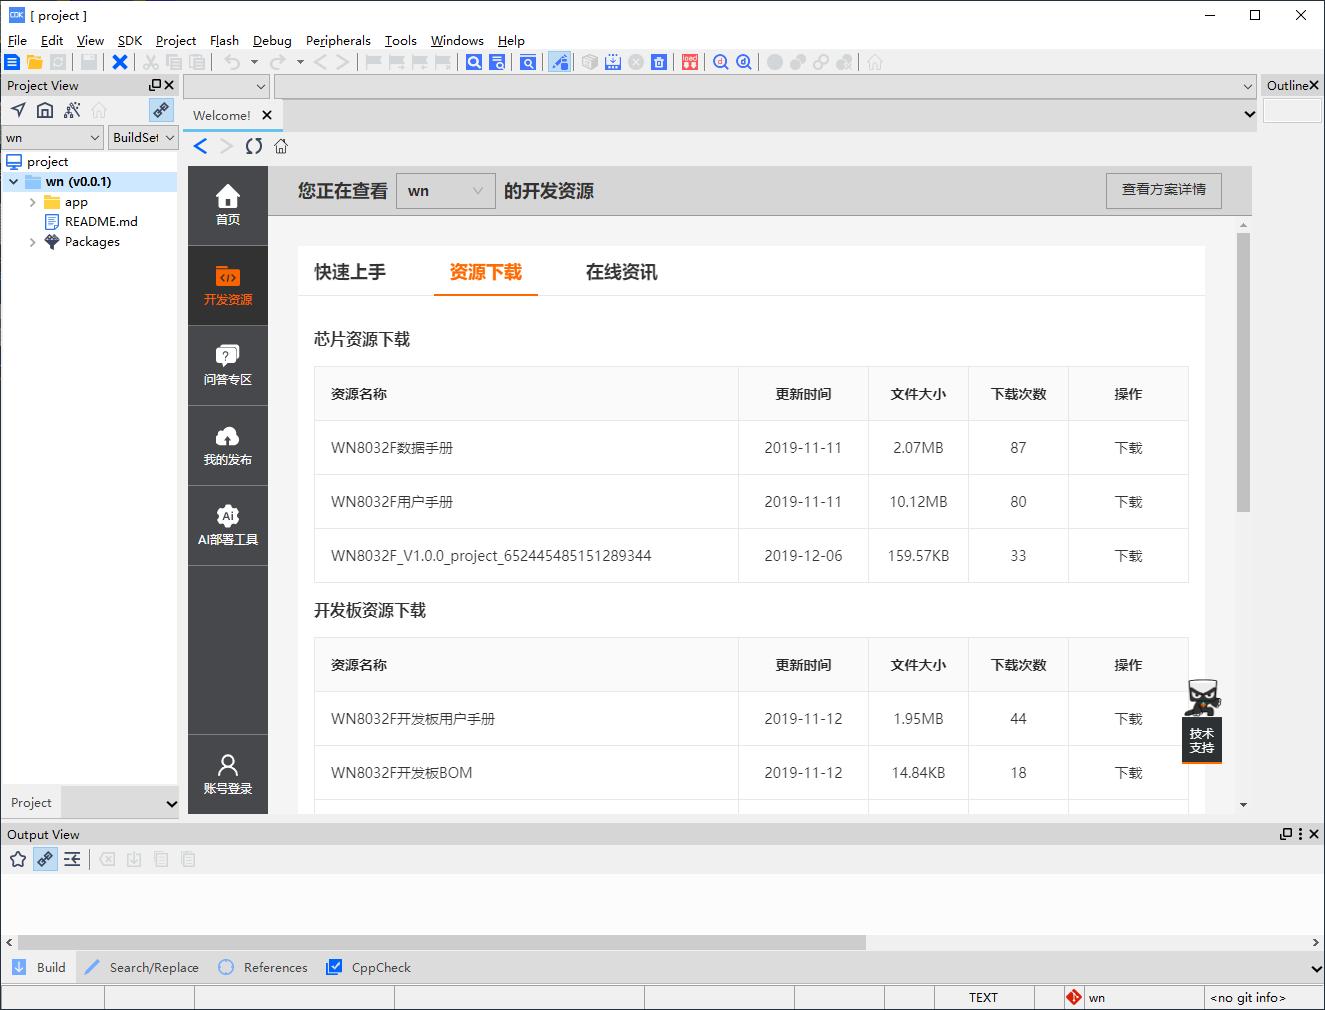 https://occ-oss-prod.oss-cn-hangzhou.aliyuncs.com/userFiles/3769057297817612288/postdetail/7.png